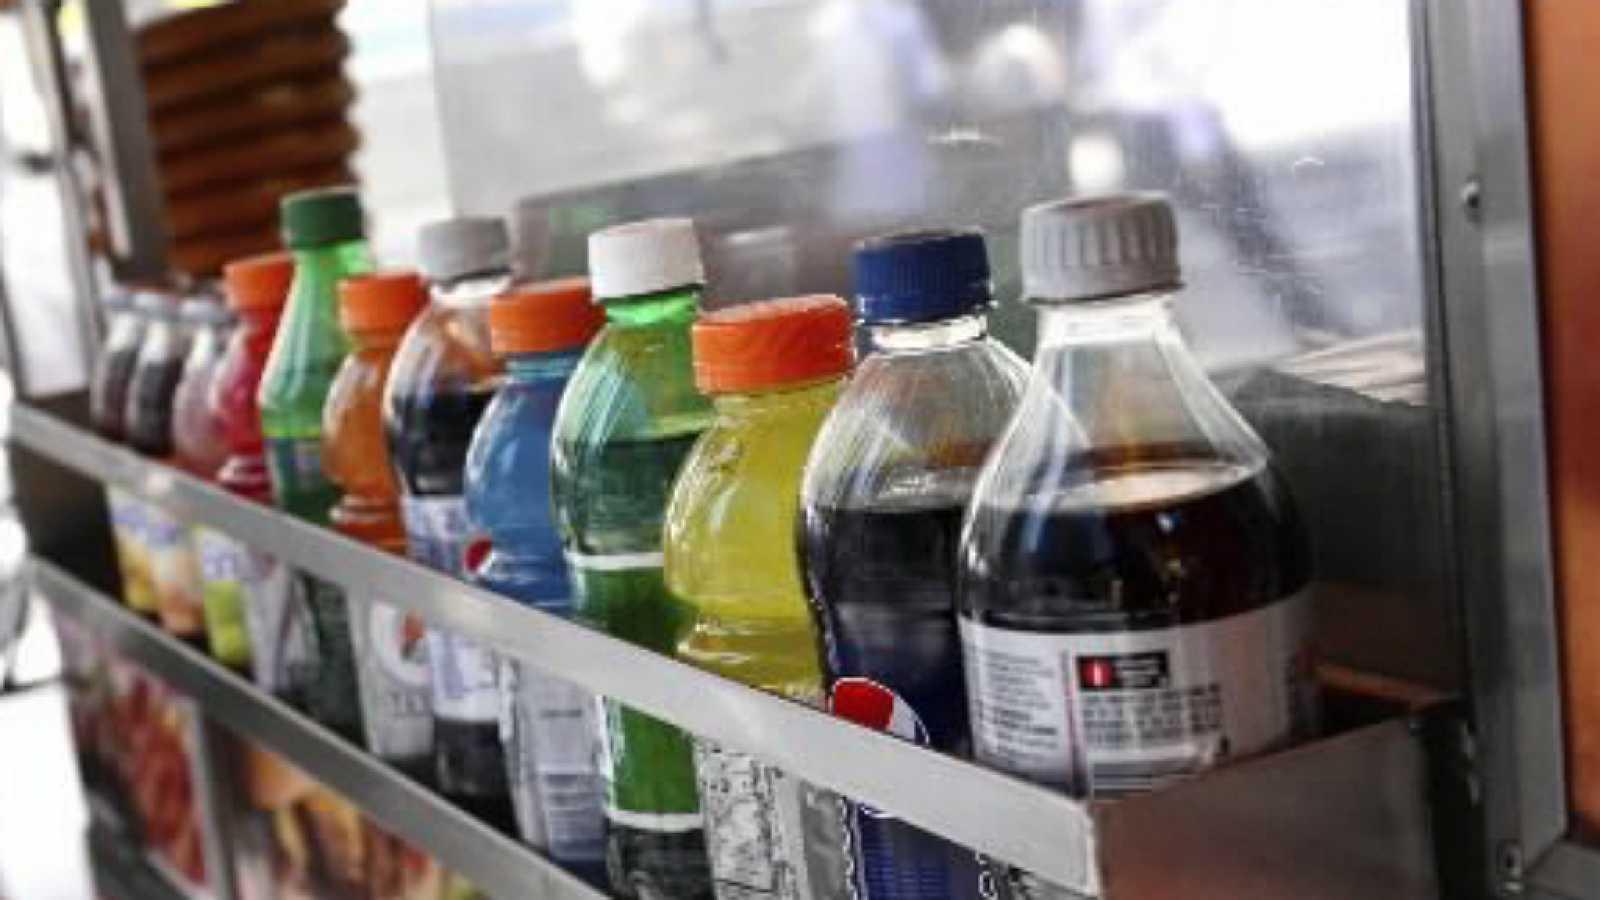 Vademécum en Radio 5 - Es urgente evitar las bebidas azucaradas - 18/07/17 - Escuchar ahora